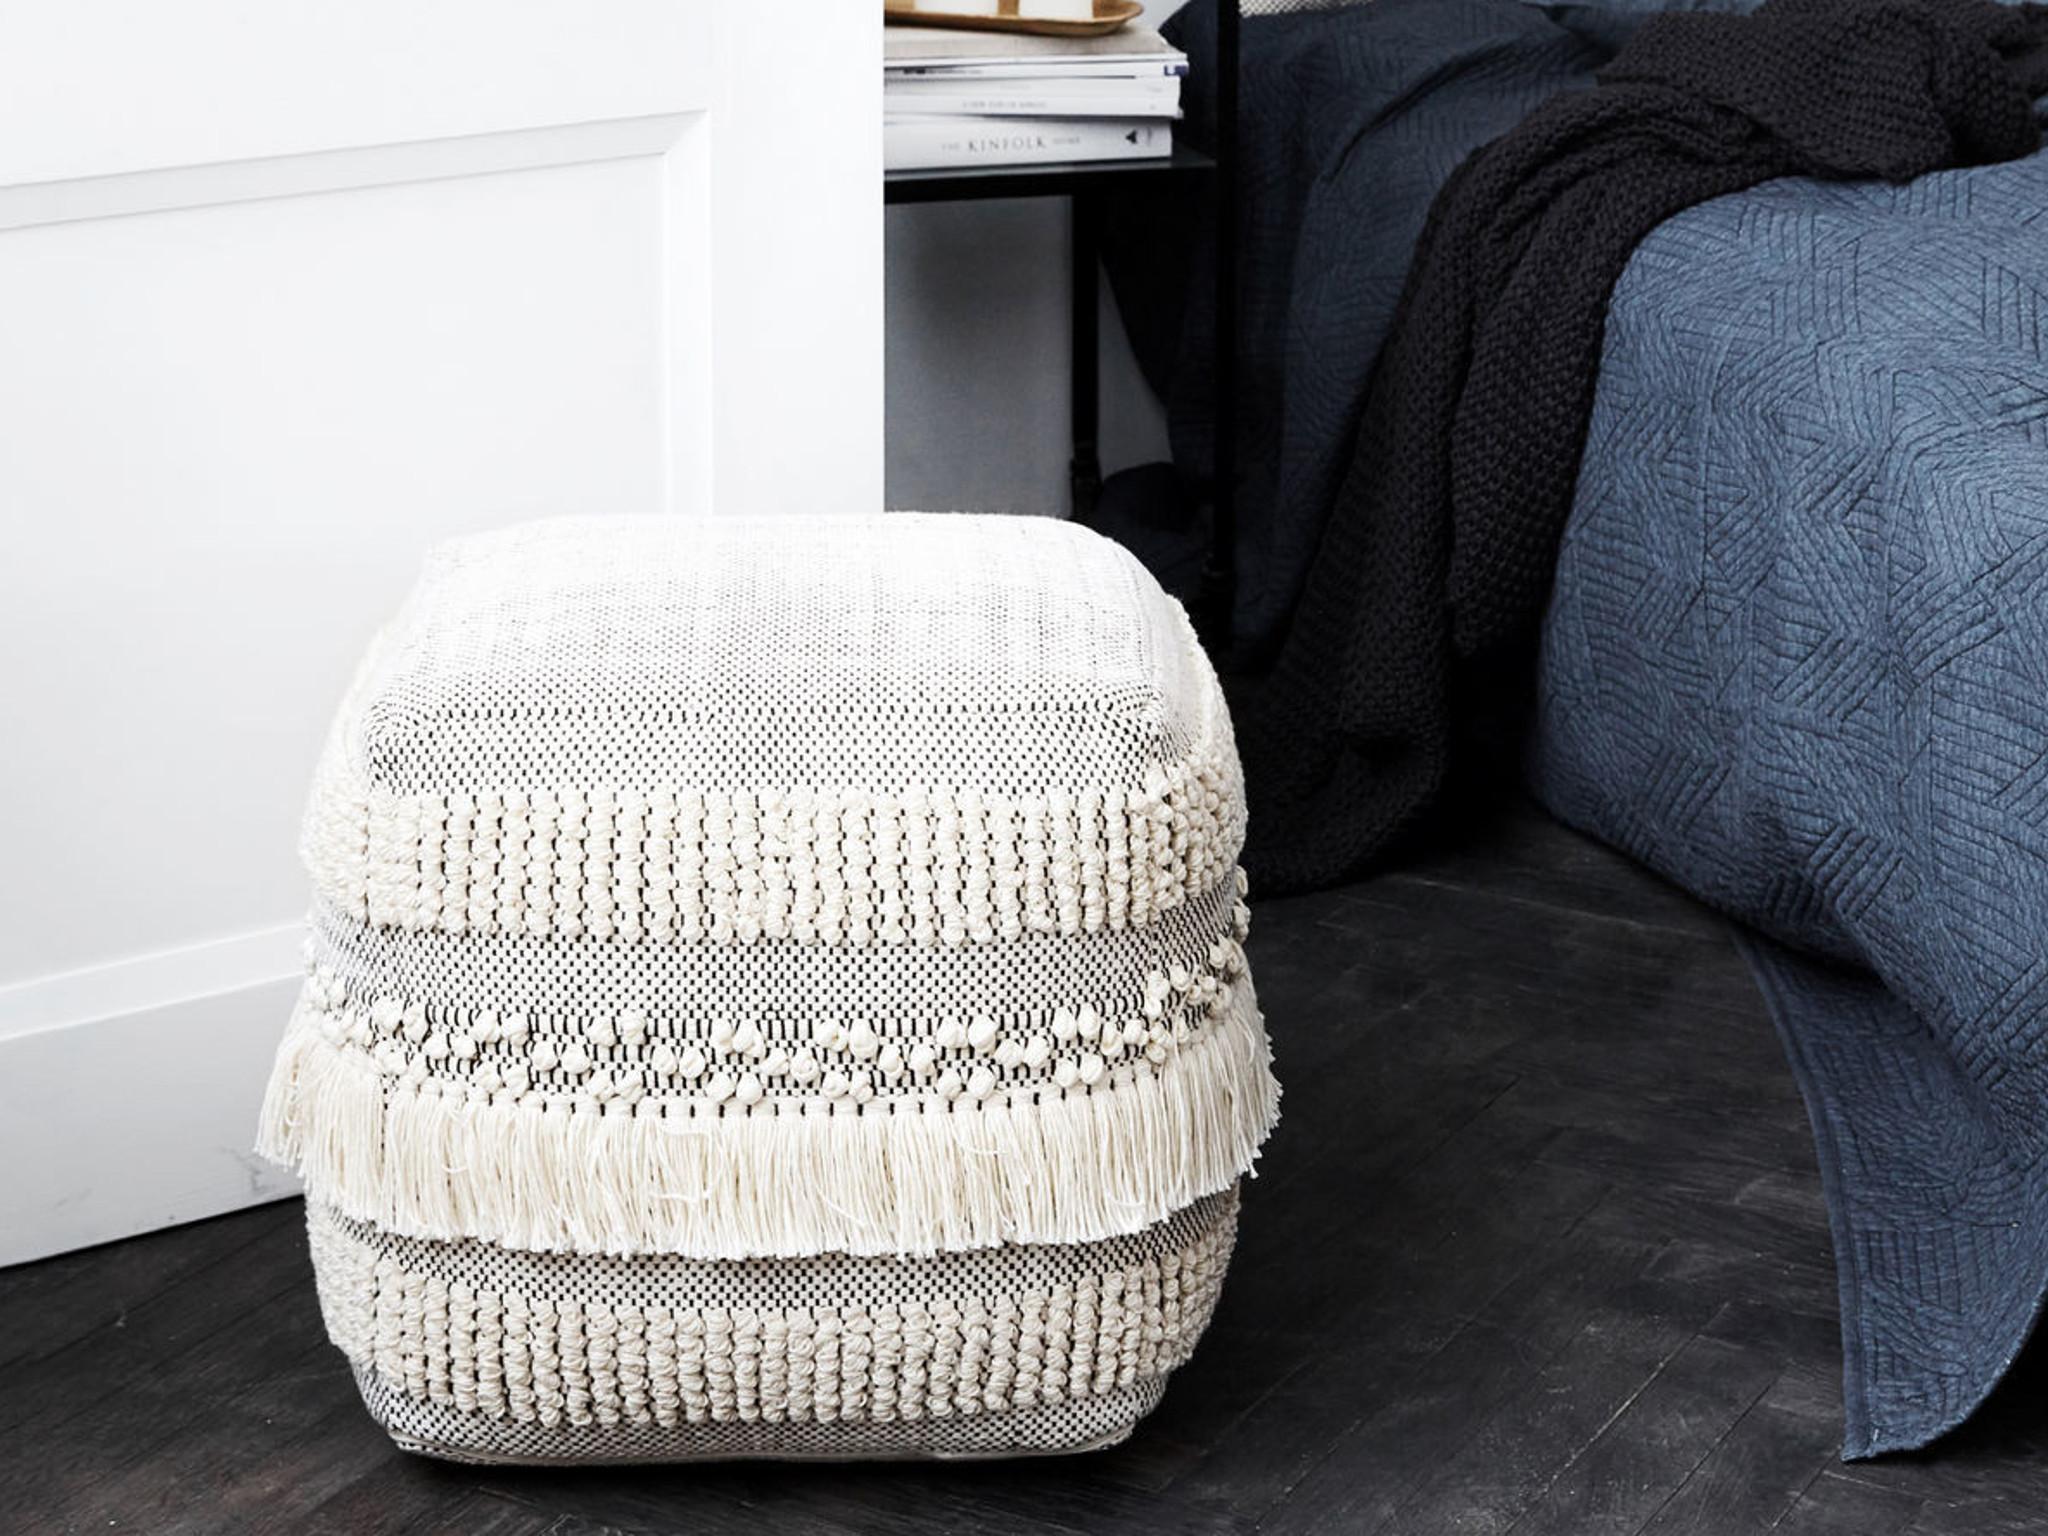 Mit dem Pouf lassen sich im Wohn- und Schlafzimmer Akzente setzen. Foto: einrichten design